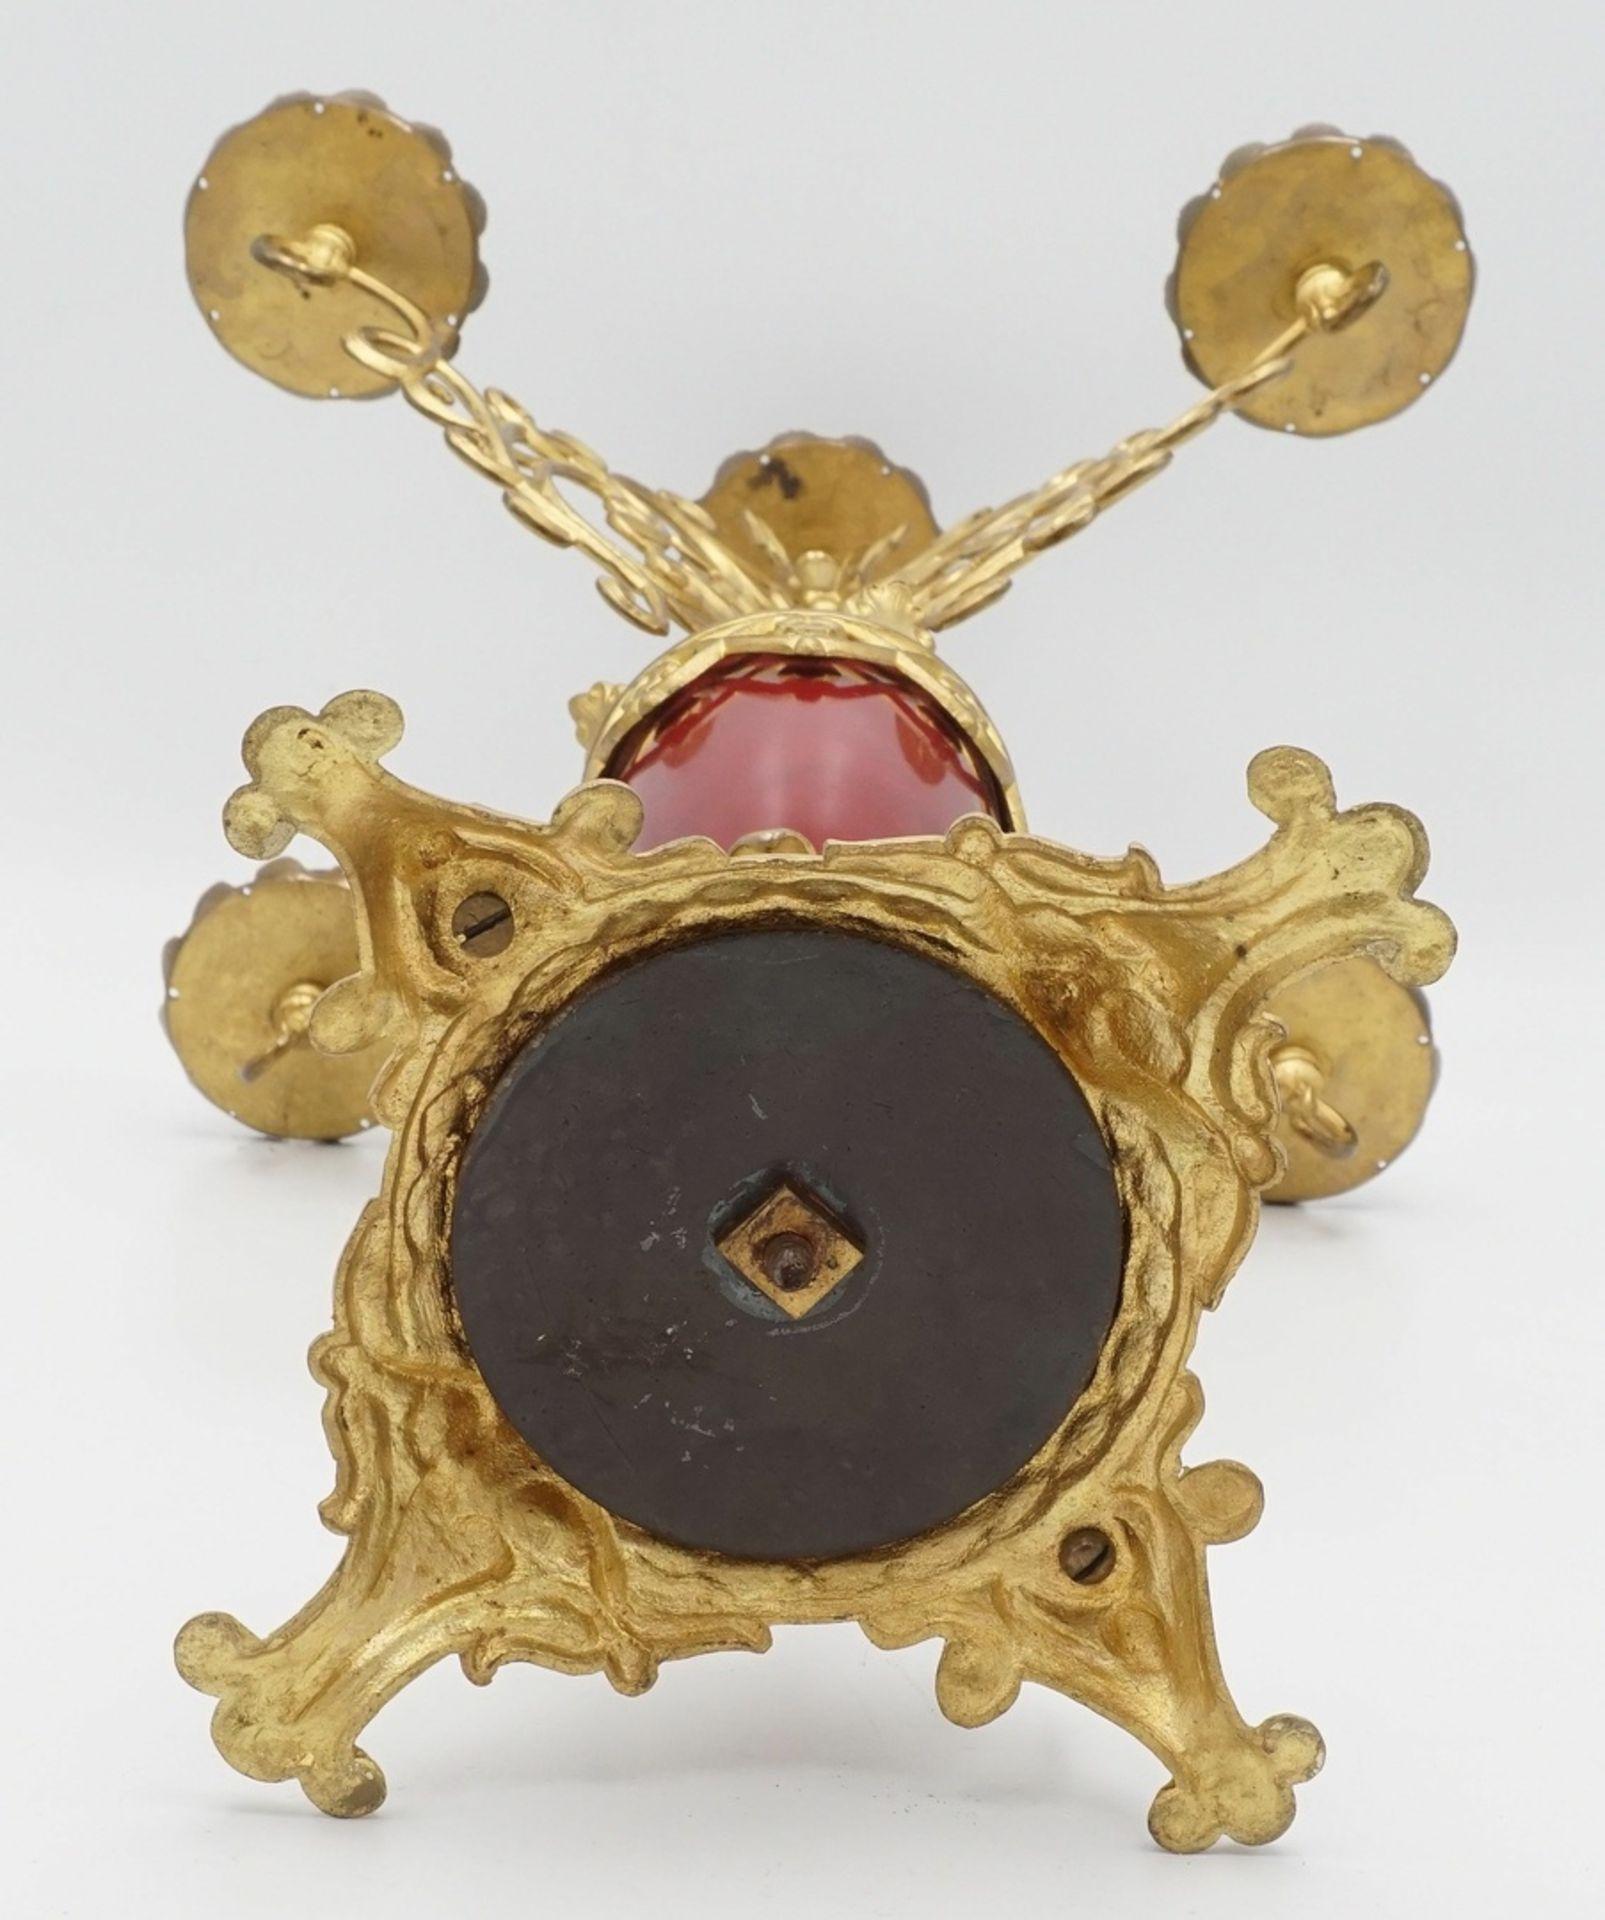 Prunkvoller Tisch-Kandelaber, Leuchter, Historismus - Bild 4 aus 4